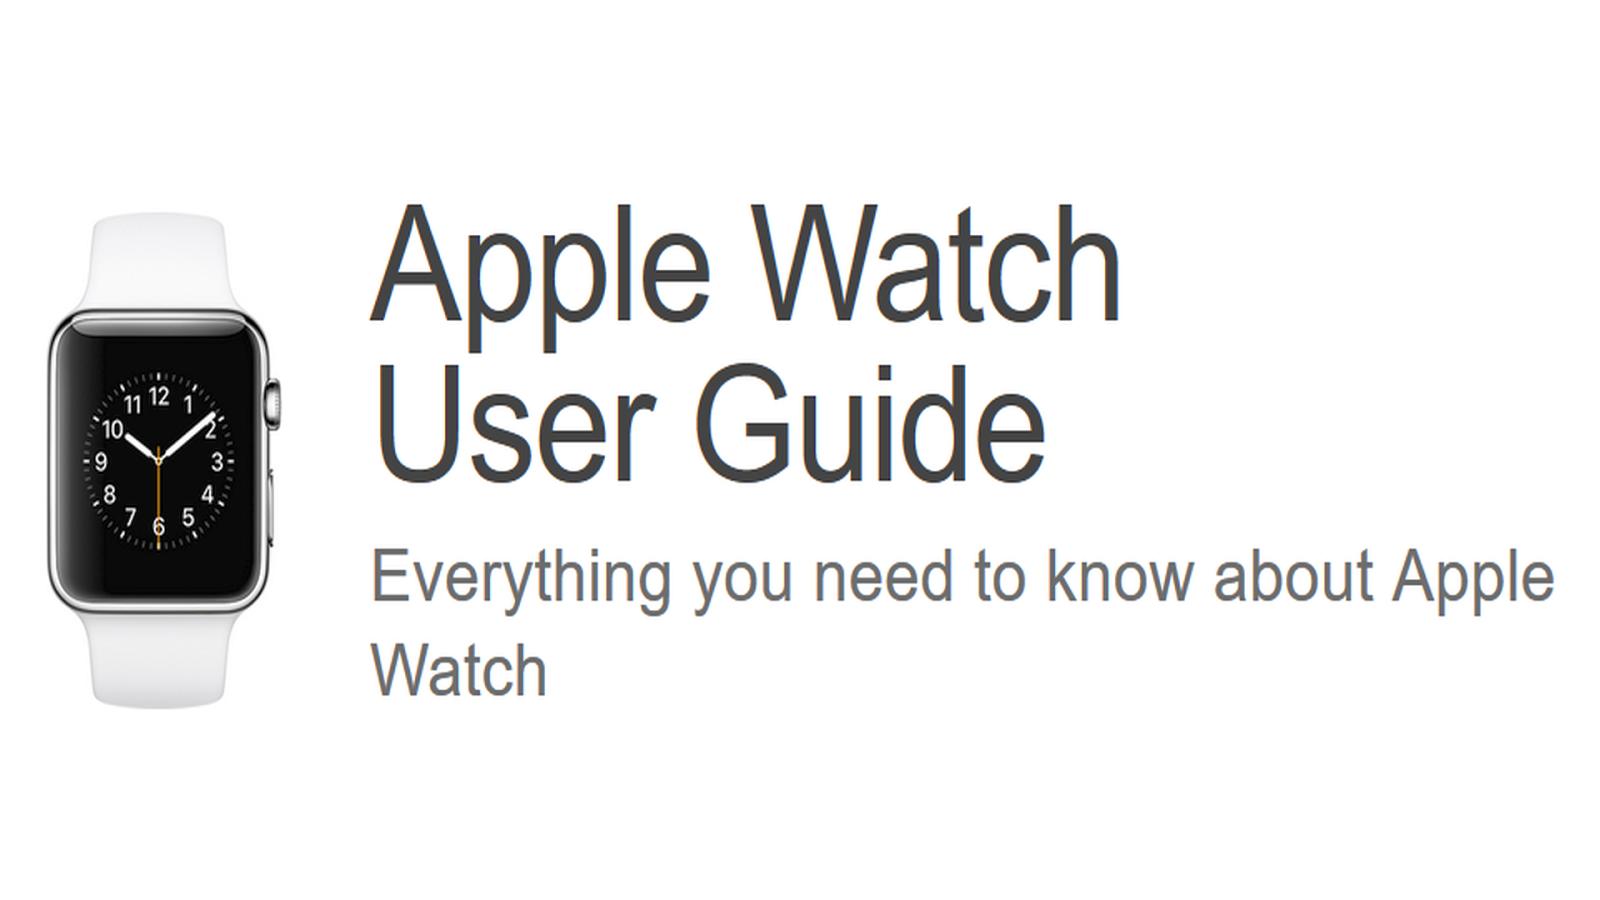 Как полноценно использовать apple watch автор расскажет в представленной статье, уверены что поклонники бренда и новые пользователи останутся довольны.